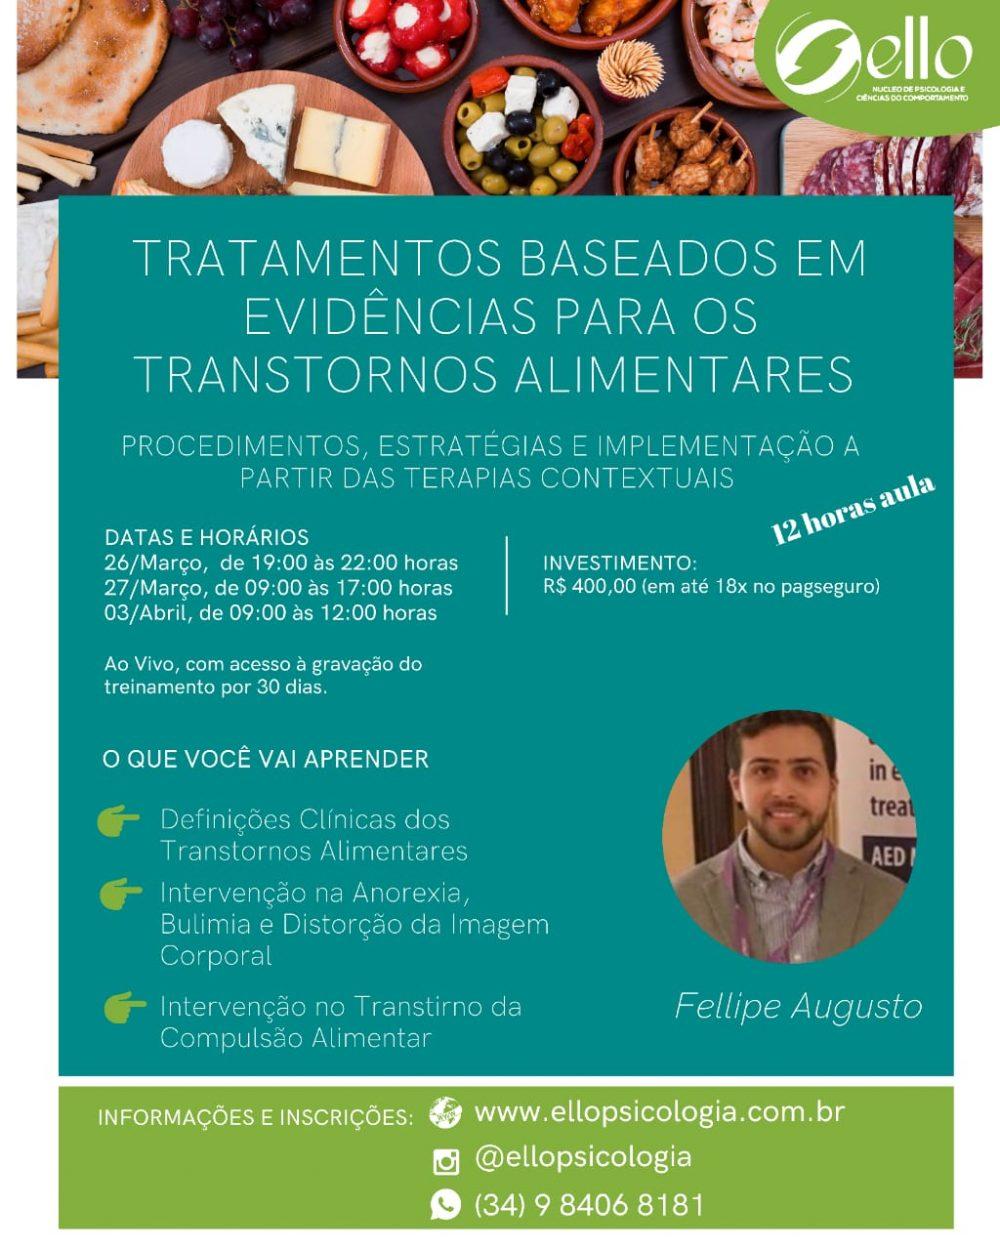 Curso: Tratamentos Baseados em Evidências para Transtornos Alimentares - Procedimentos, Estratégias e Implementação à partir das Terapias Contextuais 1